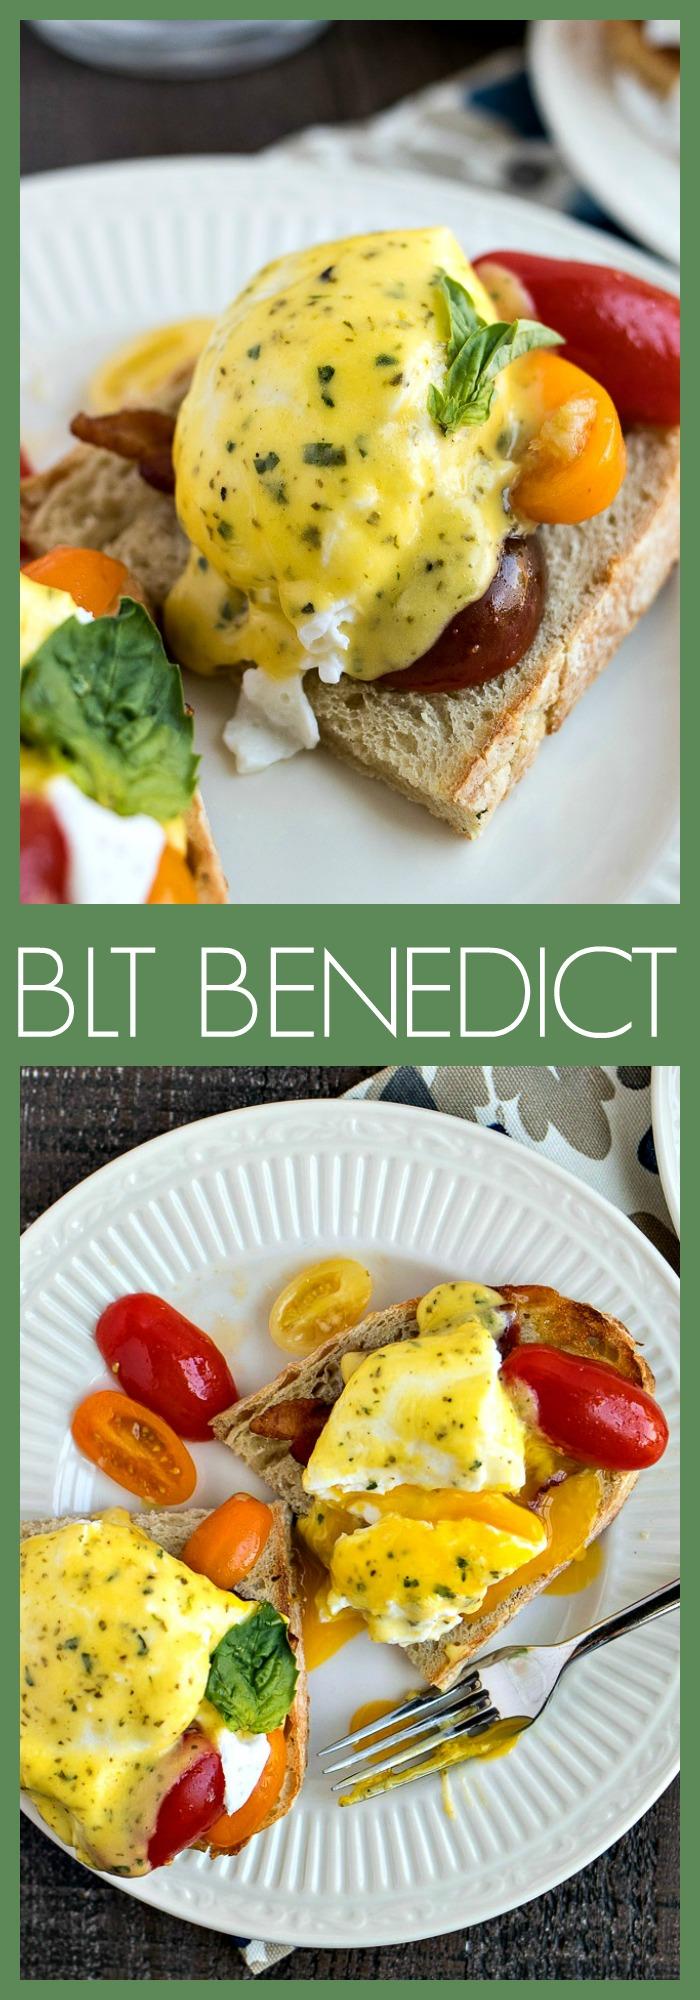 BLT Benedict photo collage